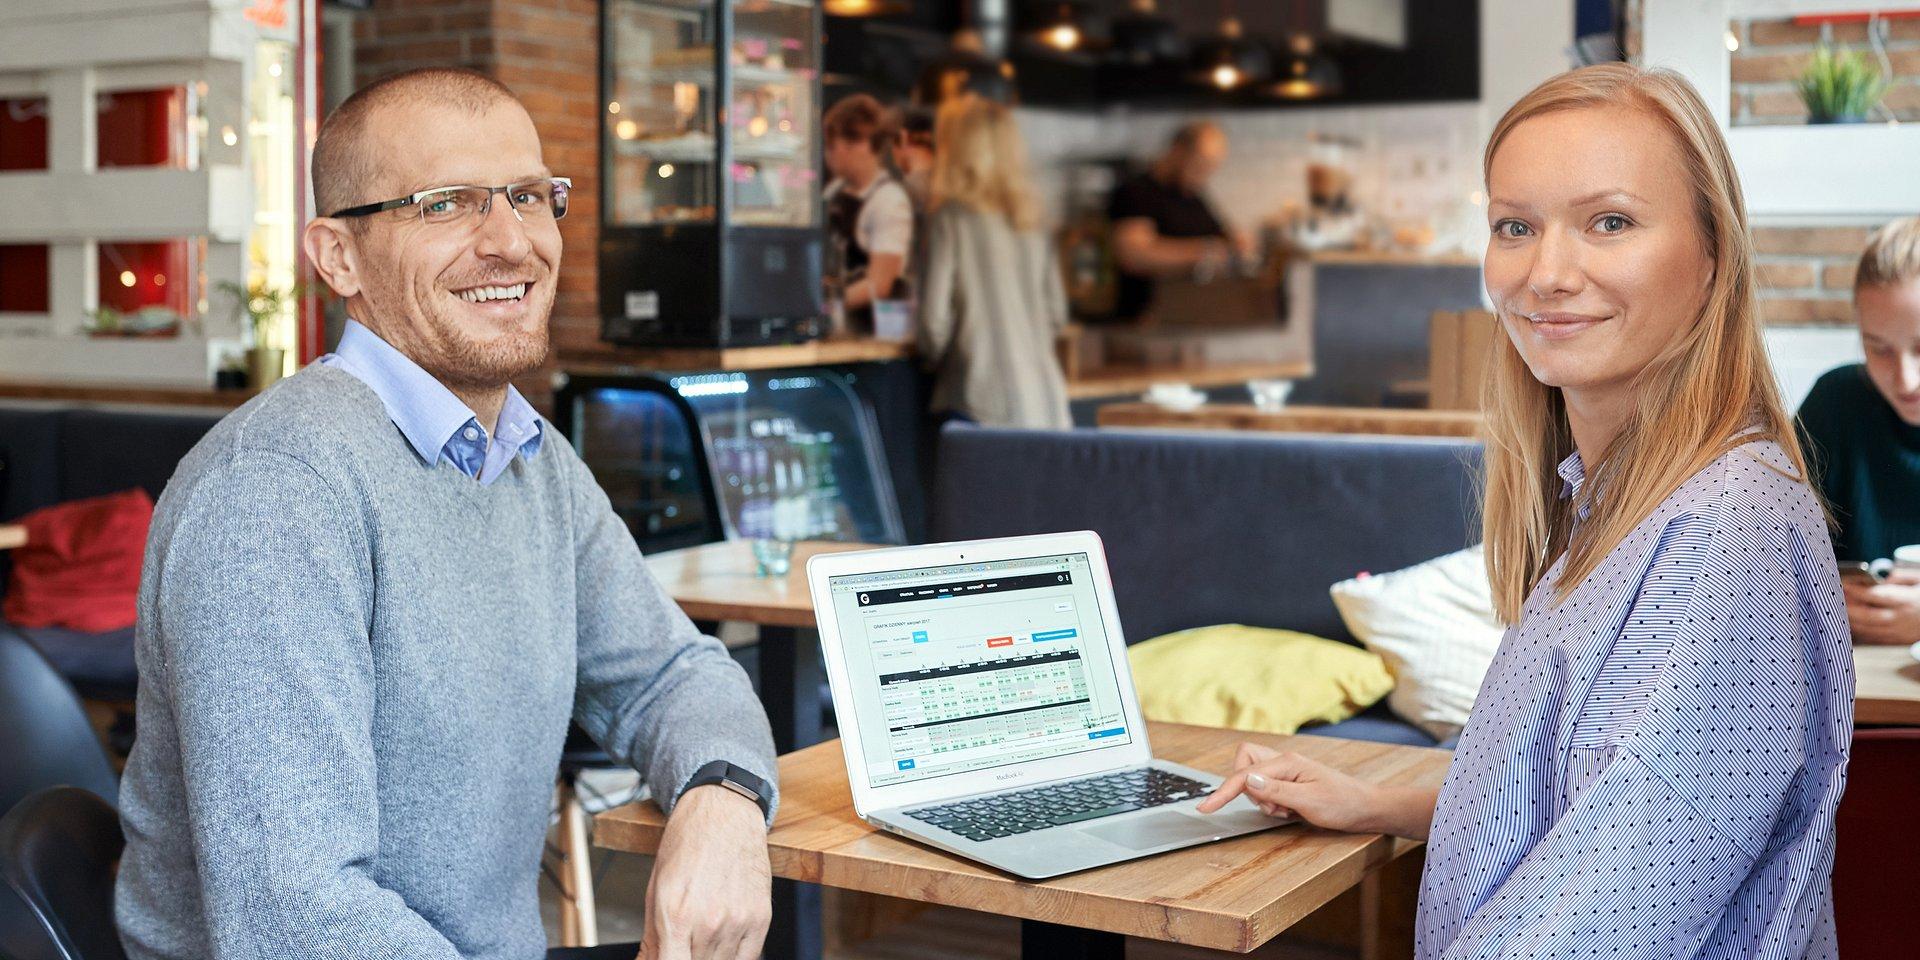 Milion złotych od Impera Alfa i wsparcie byłego szefa Netii – Polski startup rewolucjonizuje HR wykorzystując sztuczną inteligencję